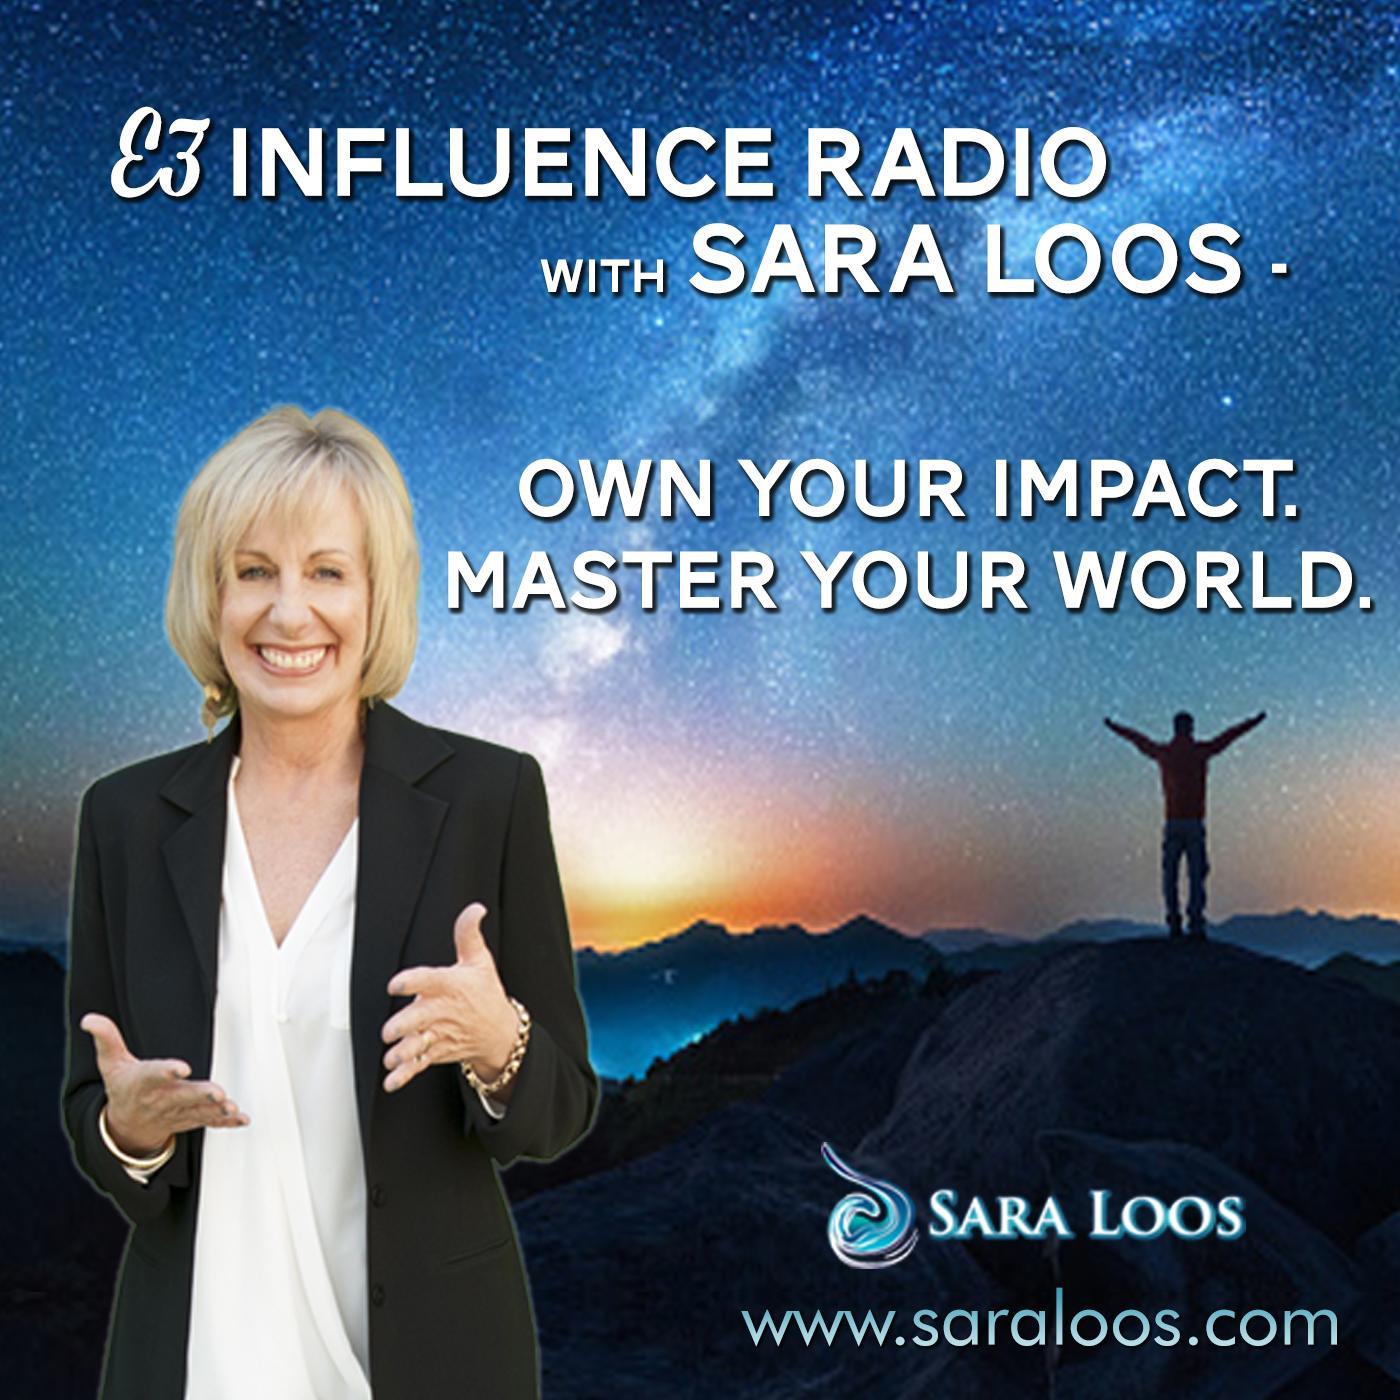 Sara Loos